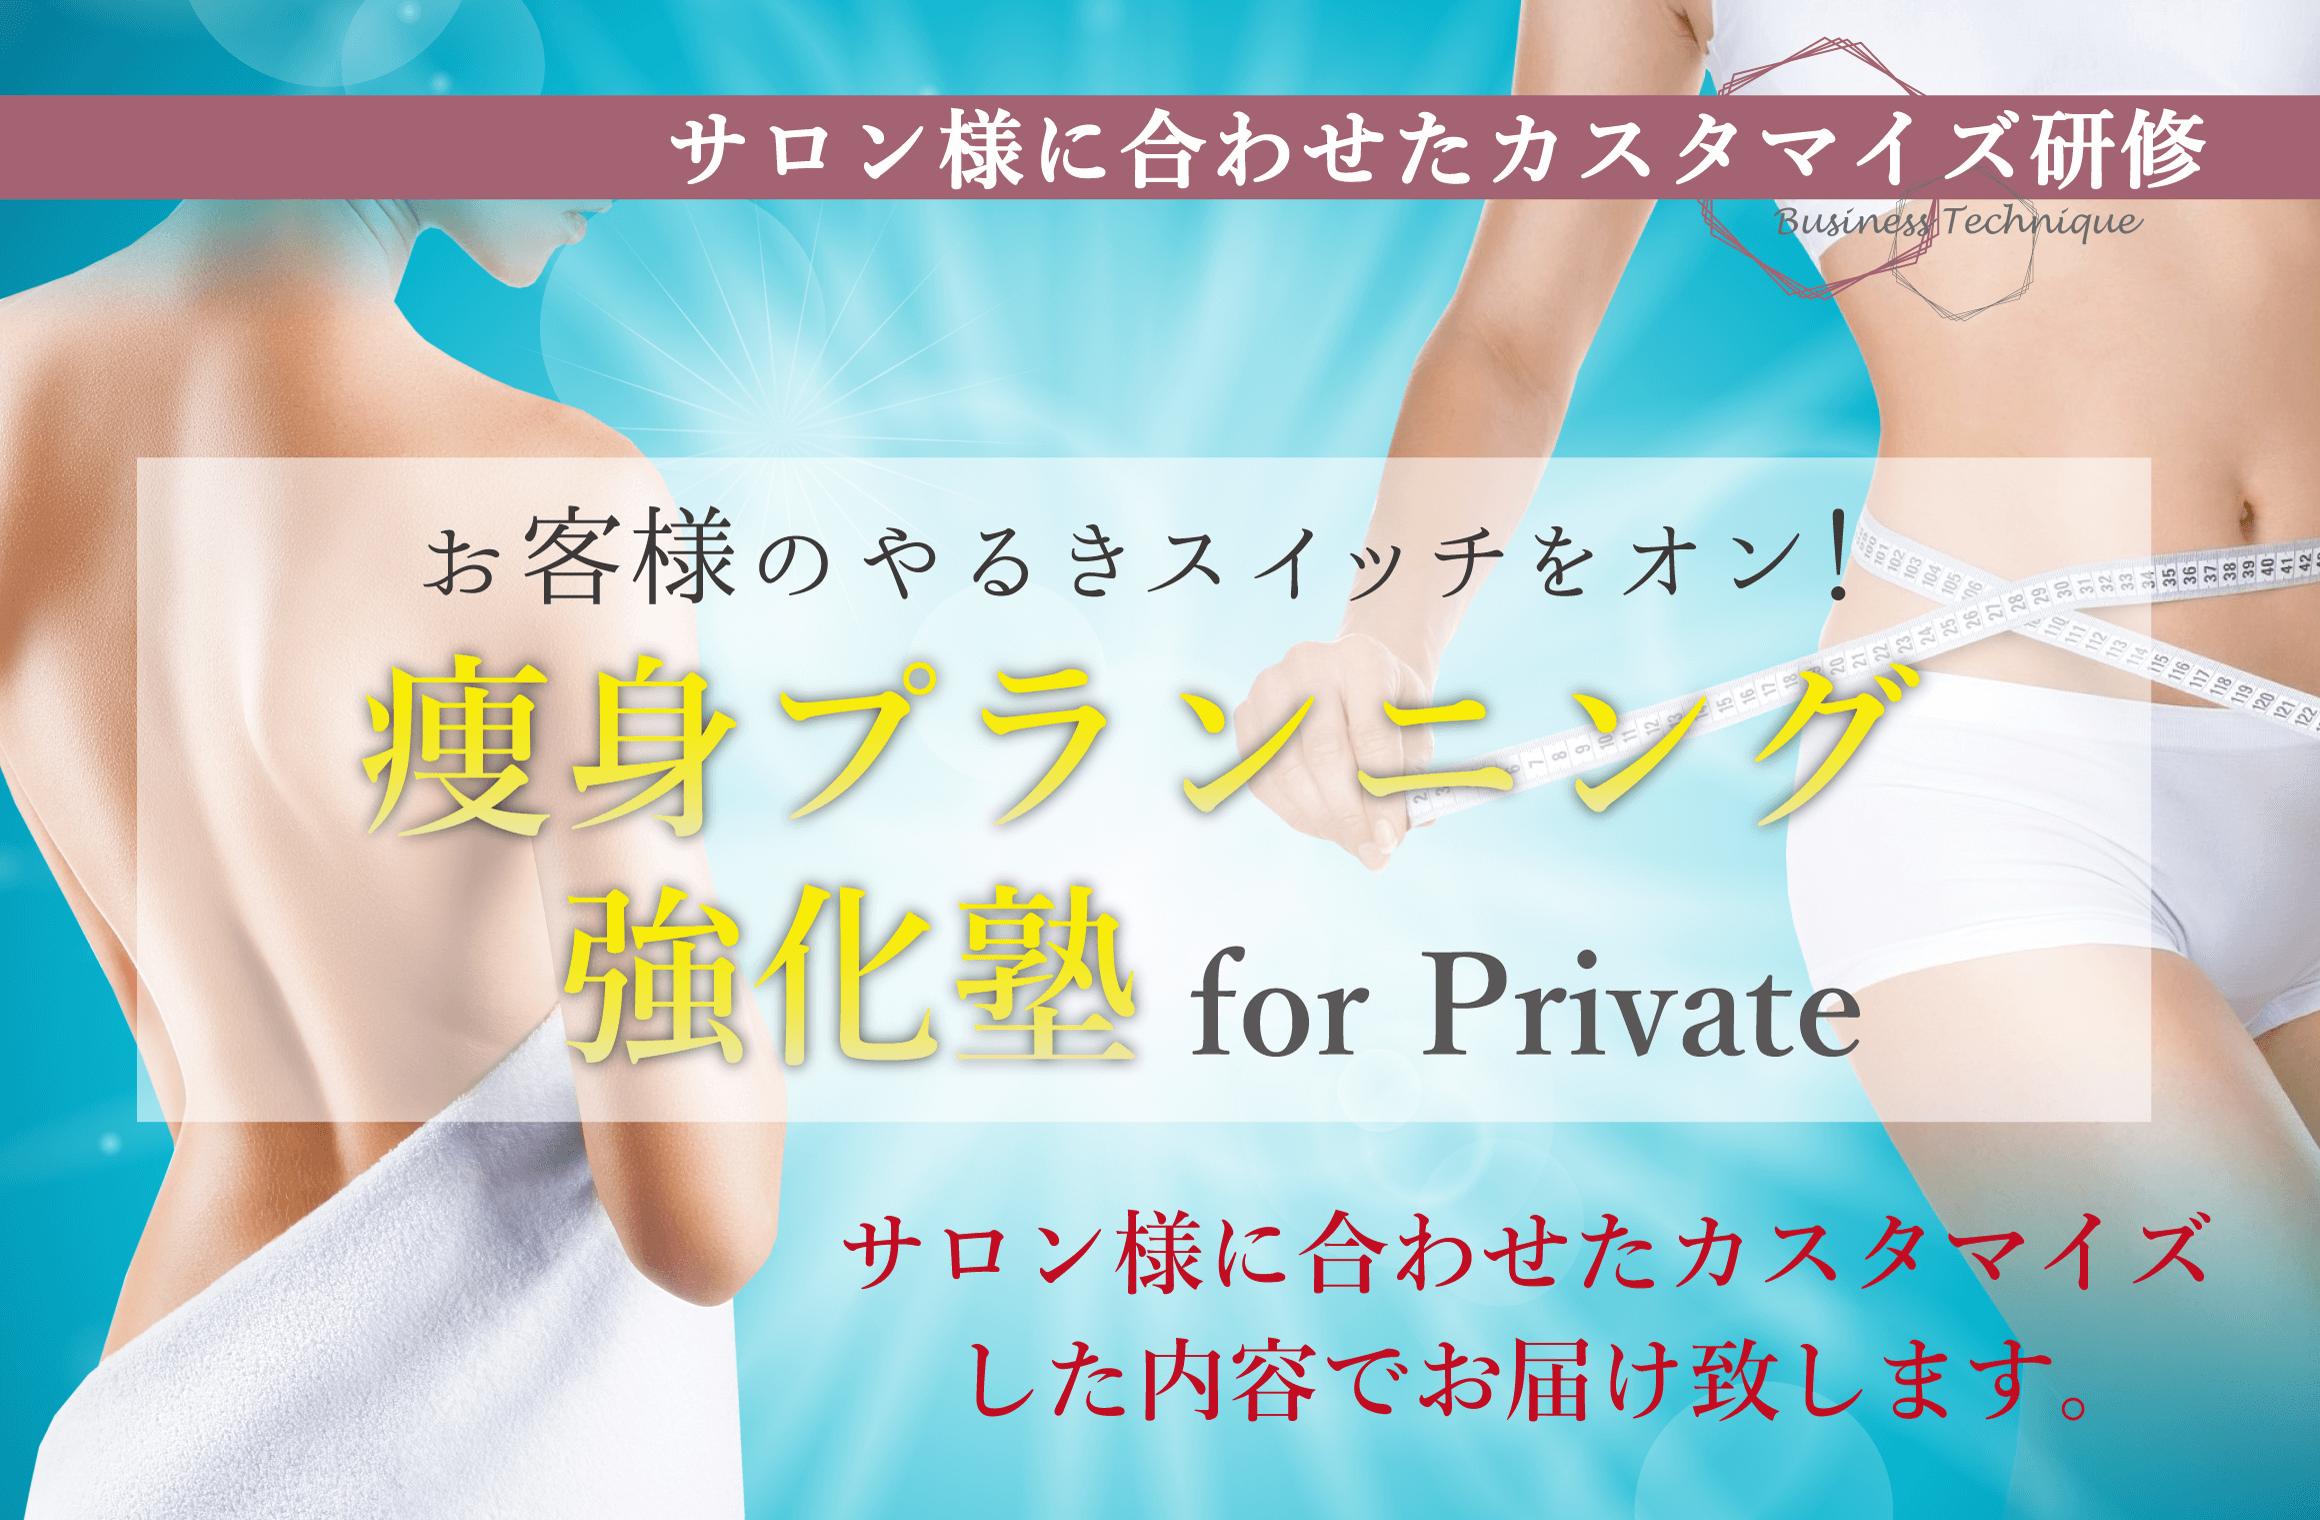 痩身塾2020 for プライベート